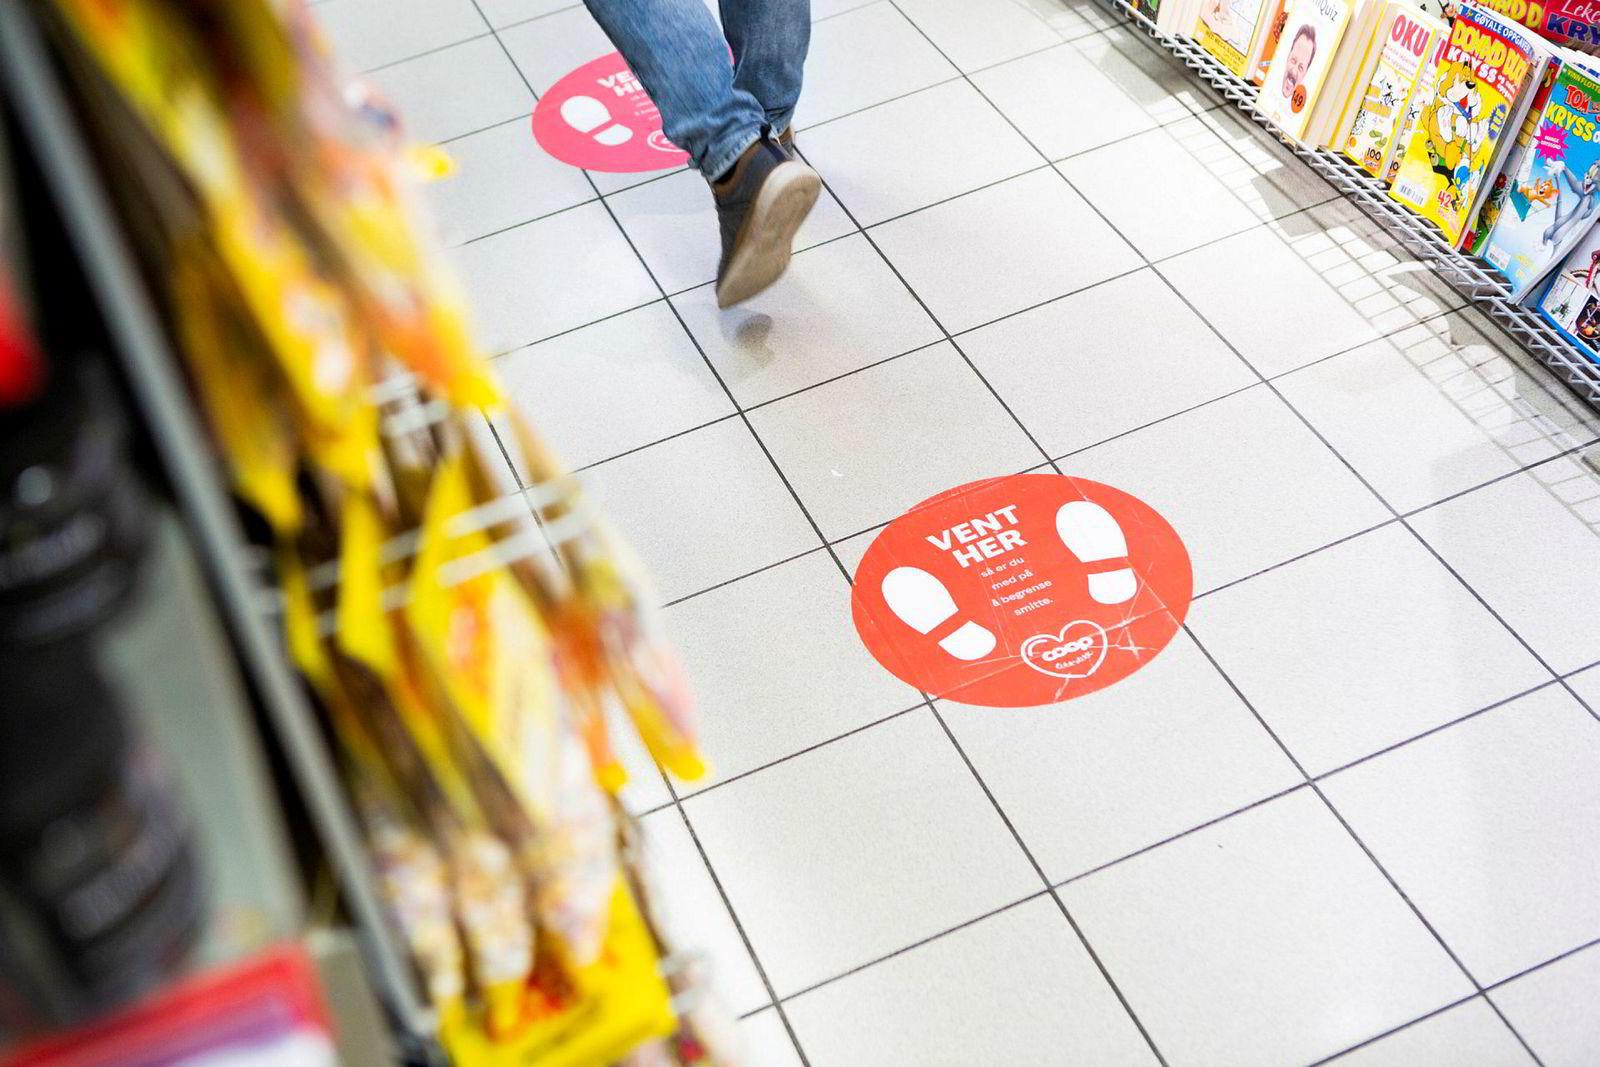 Klistremerker på gulvet gir kundene ved Coop Extra på Manglerudsenteret en påminnelse om viktigheten av å holde én meter avstand under pandemien. Etterspørselen etter denne typen klistremerker har økt betraktelig som følge av koronaviruset.